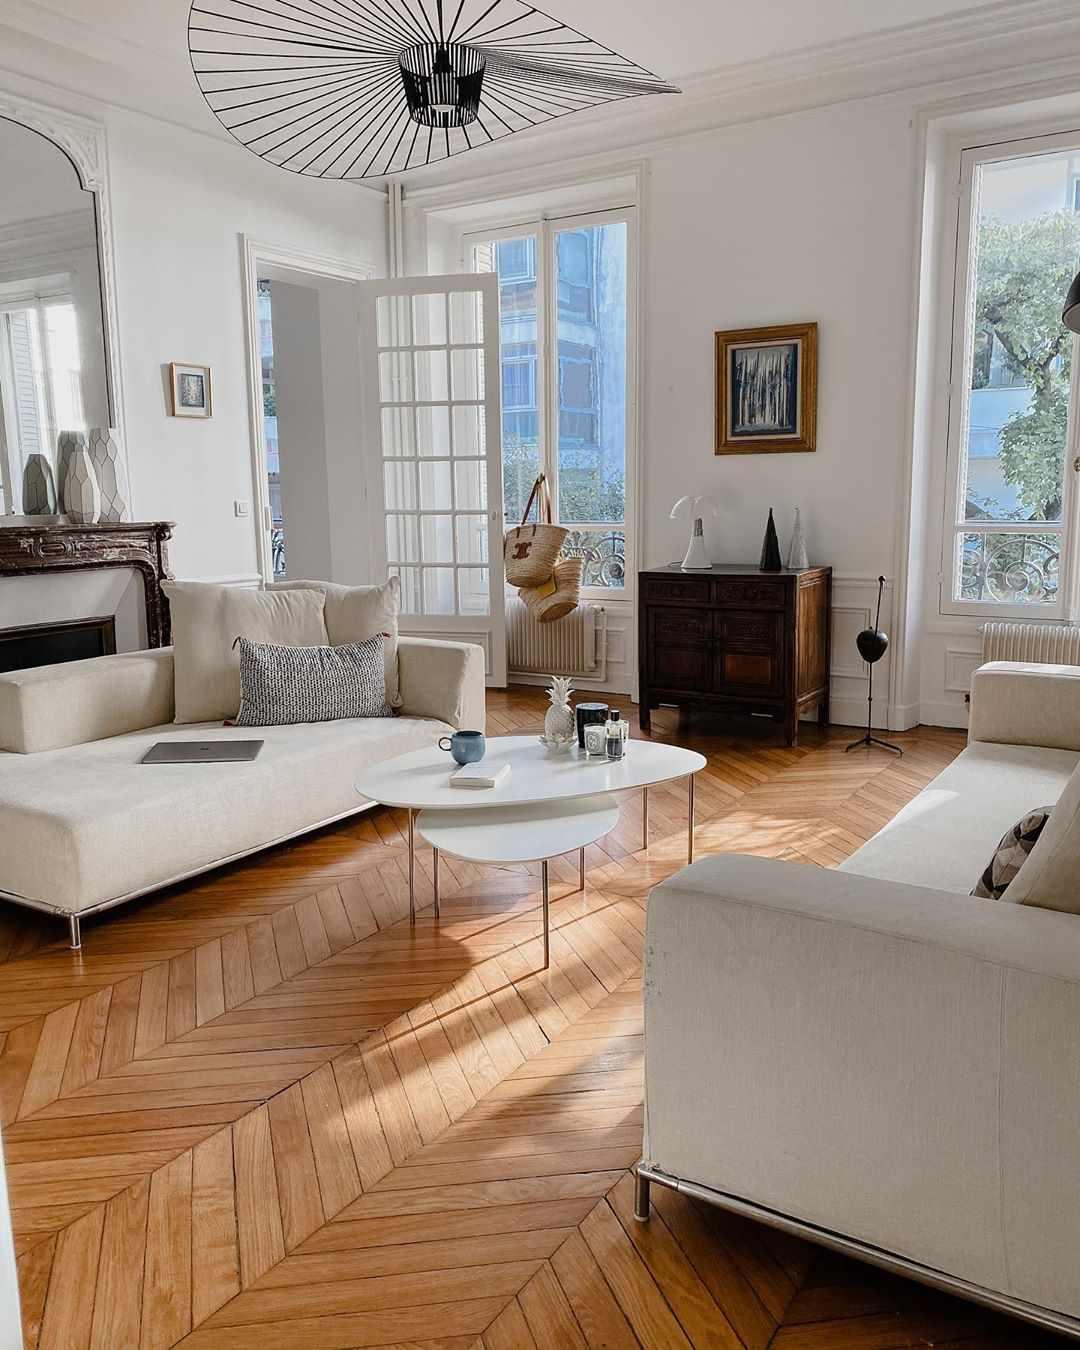 Living room with herringbone wood flooring